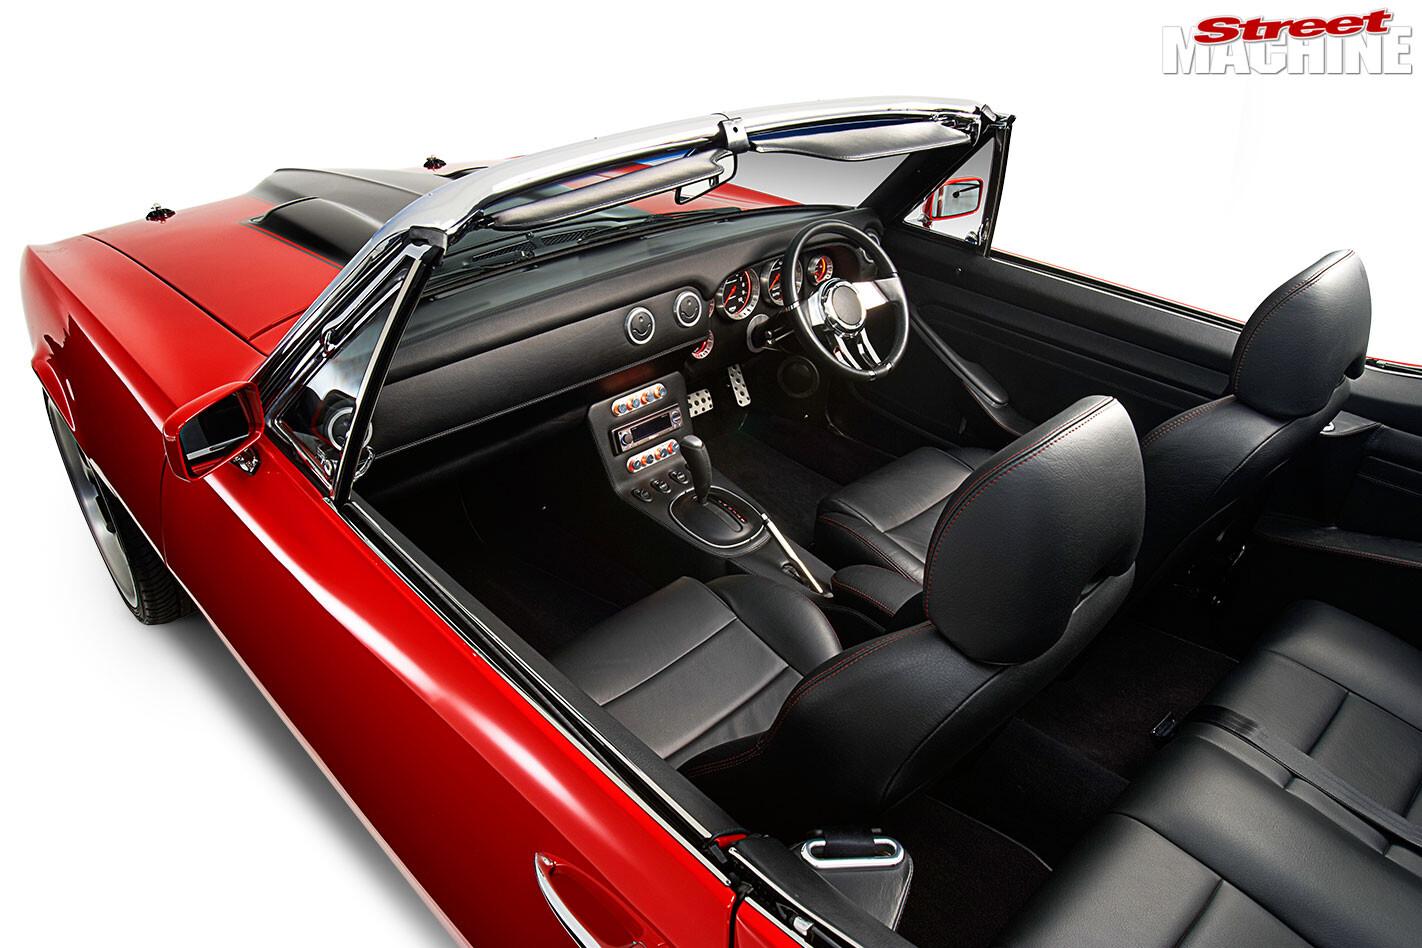 Pontiac Firebird convertible interior